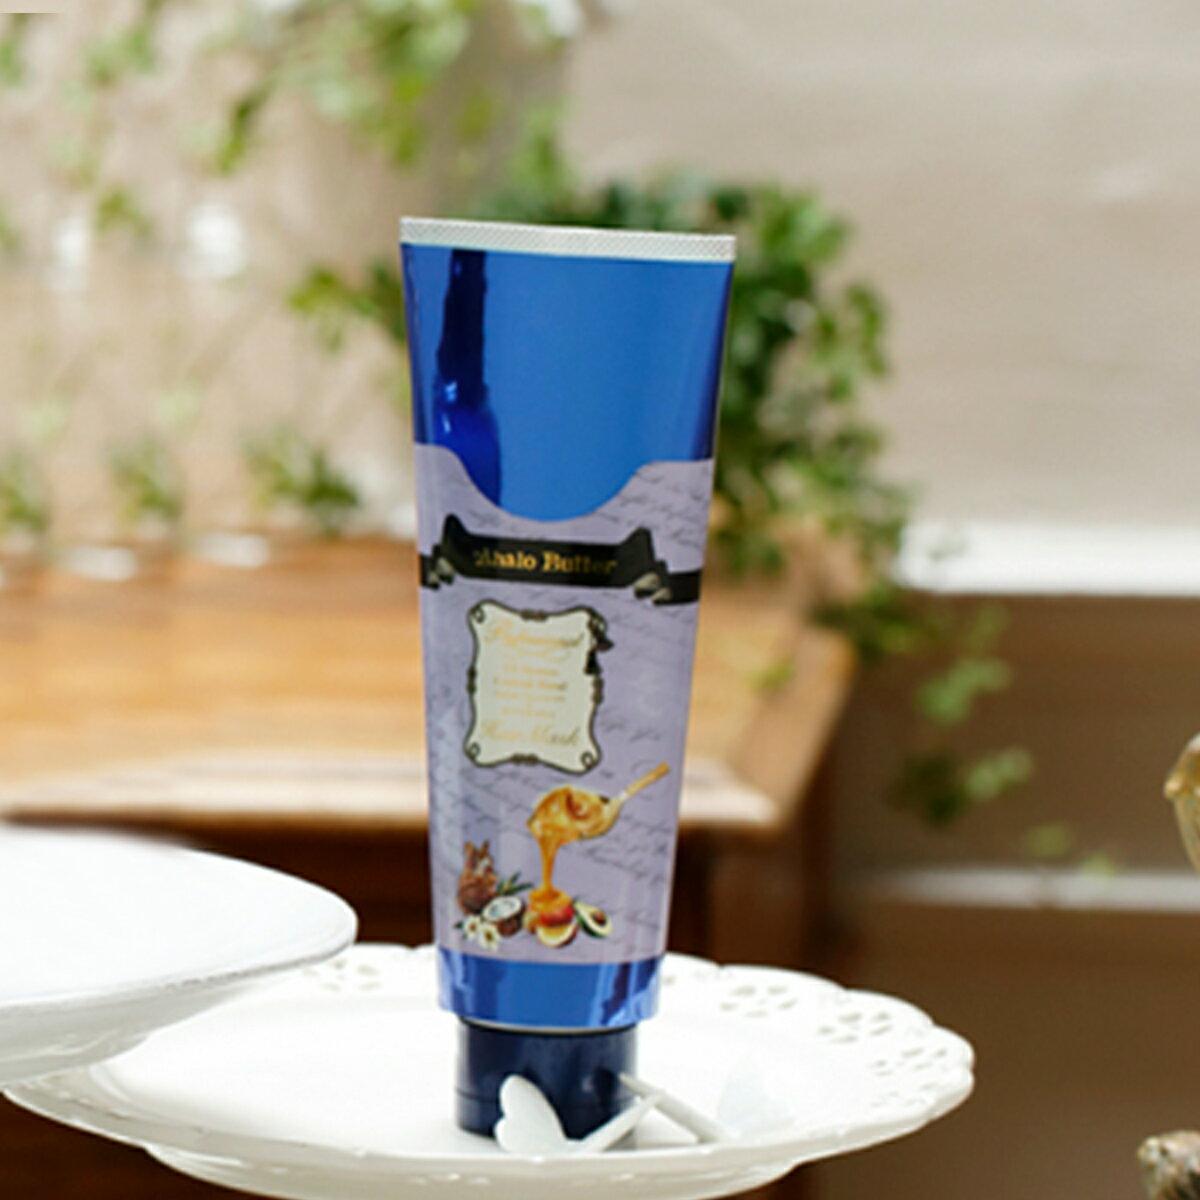 美容室 美容師共同開発 アハロバター ヘアマスク オーガニック ボタニカル ノンシリコン バター 保湿 乾燥 ダメージ まとまる さらさら プロフェッショナル 220g ahalobutter